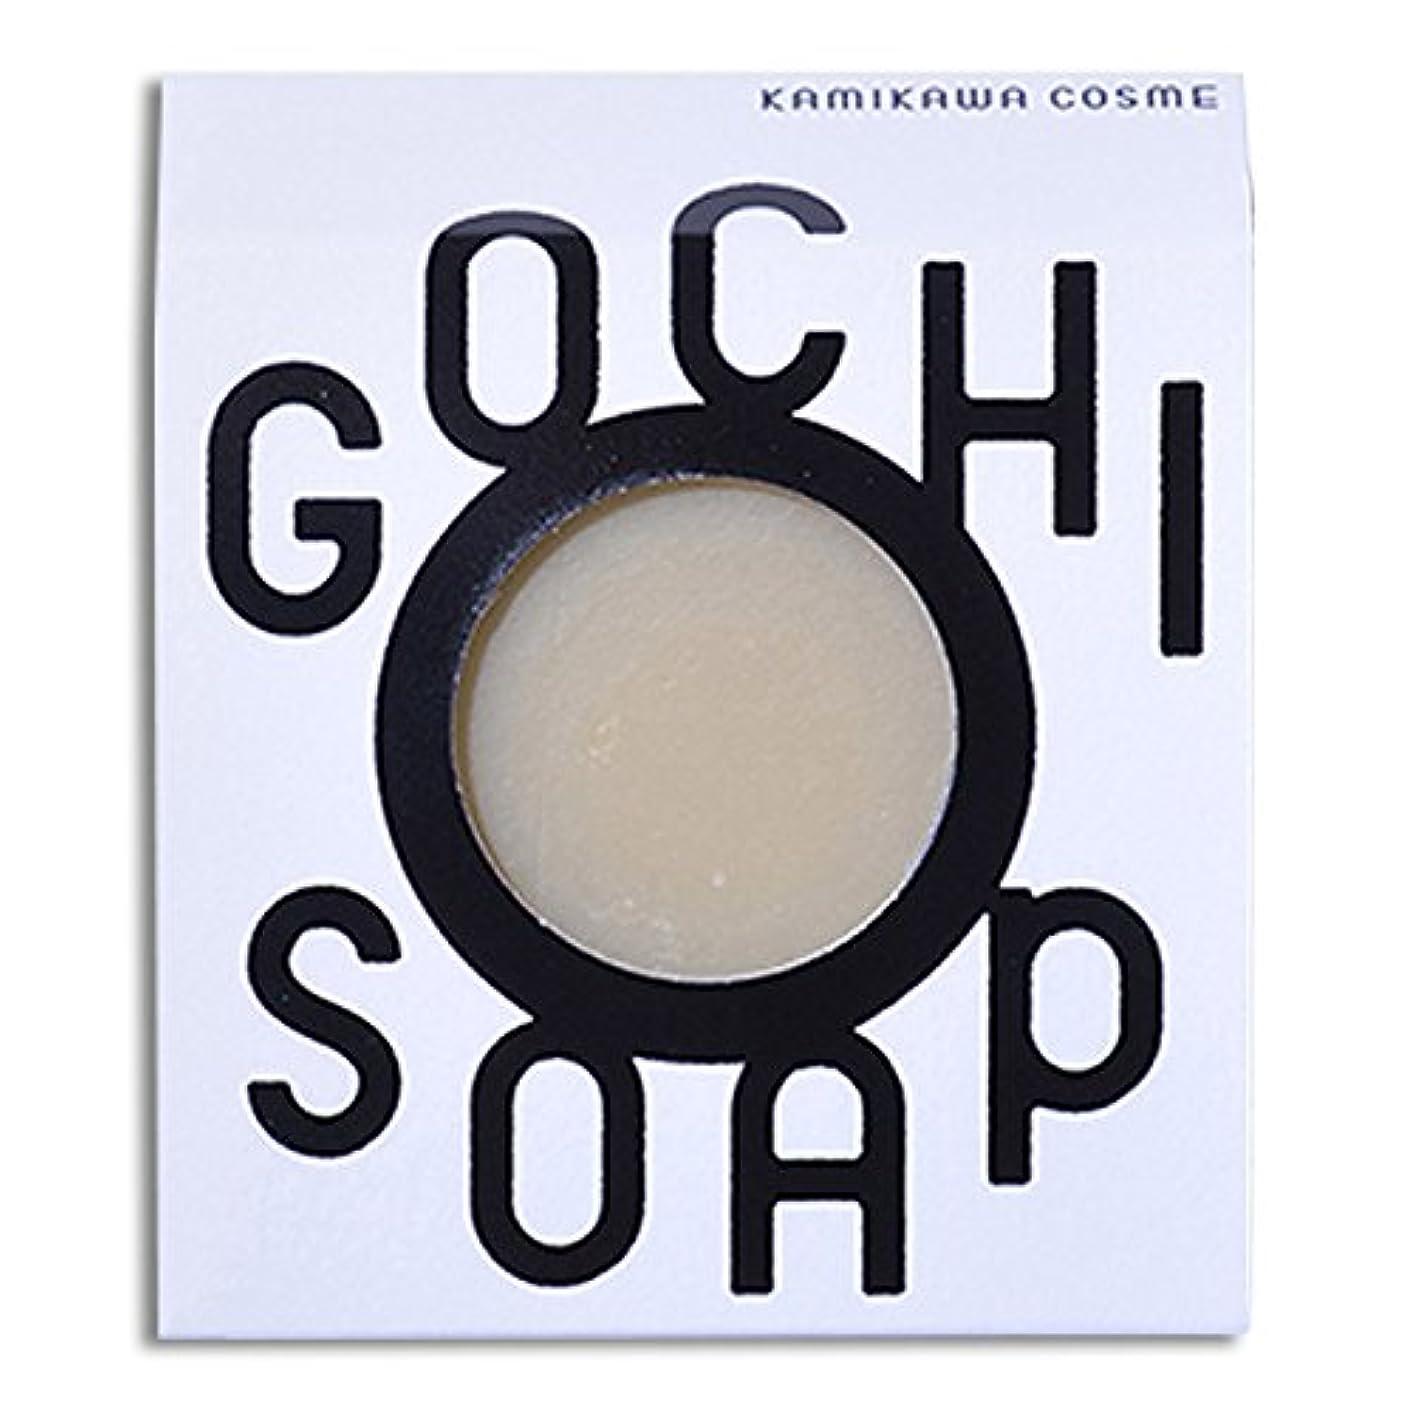 キラウエア山チャンピオン幾分道北の素材を使用したコスメブランド GOCHI SOAP(伊勢ファームの牛乳ソープ?平田こうじ店の米糀ソープ)各1個セット